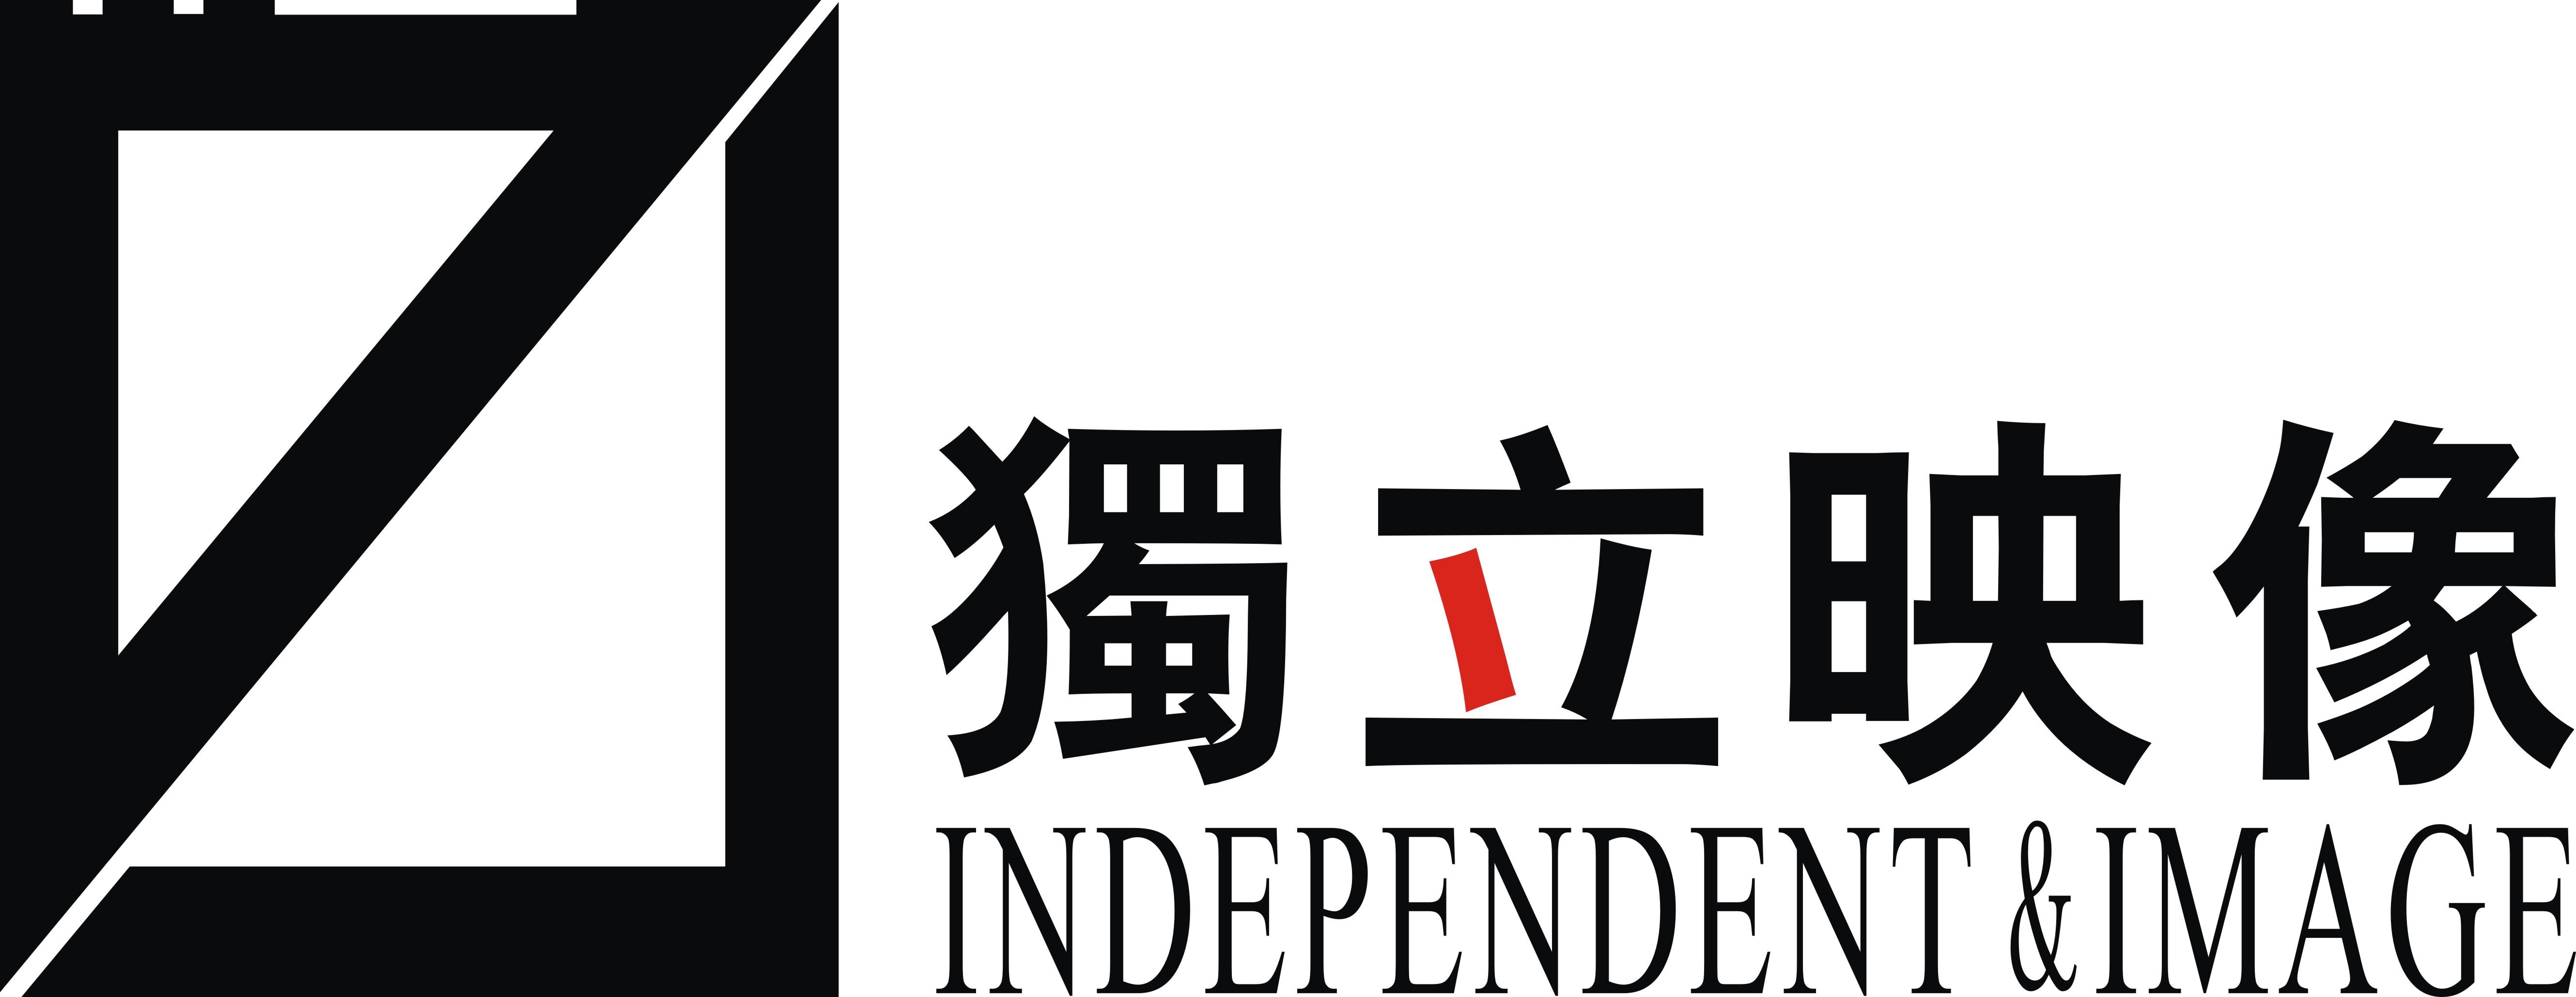 独立映像艺术空间 Independent & Image Art Space